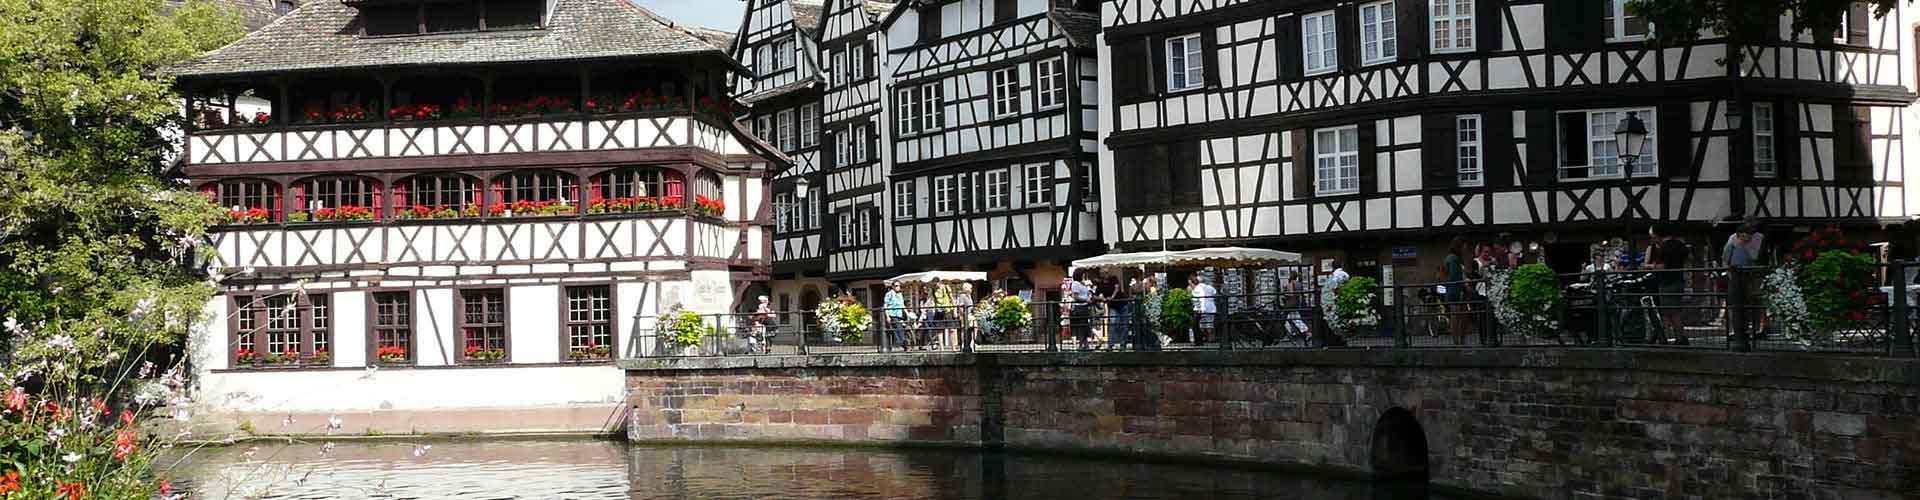 Estrasburgo - Hostales en el distrito Distritos Centrales. Mapas de Estrasburgo, Fotos y comentarios de cada Hostal en Estrasburgo.